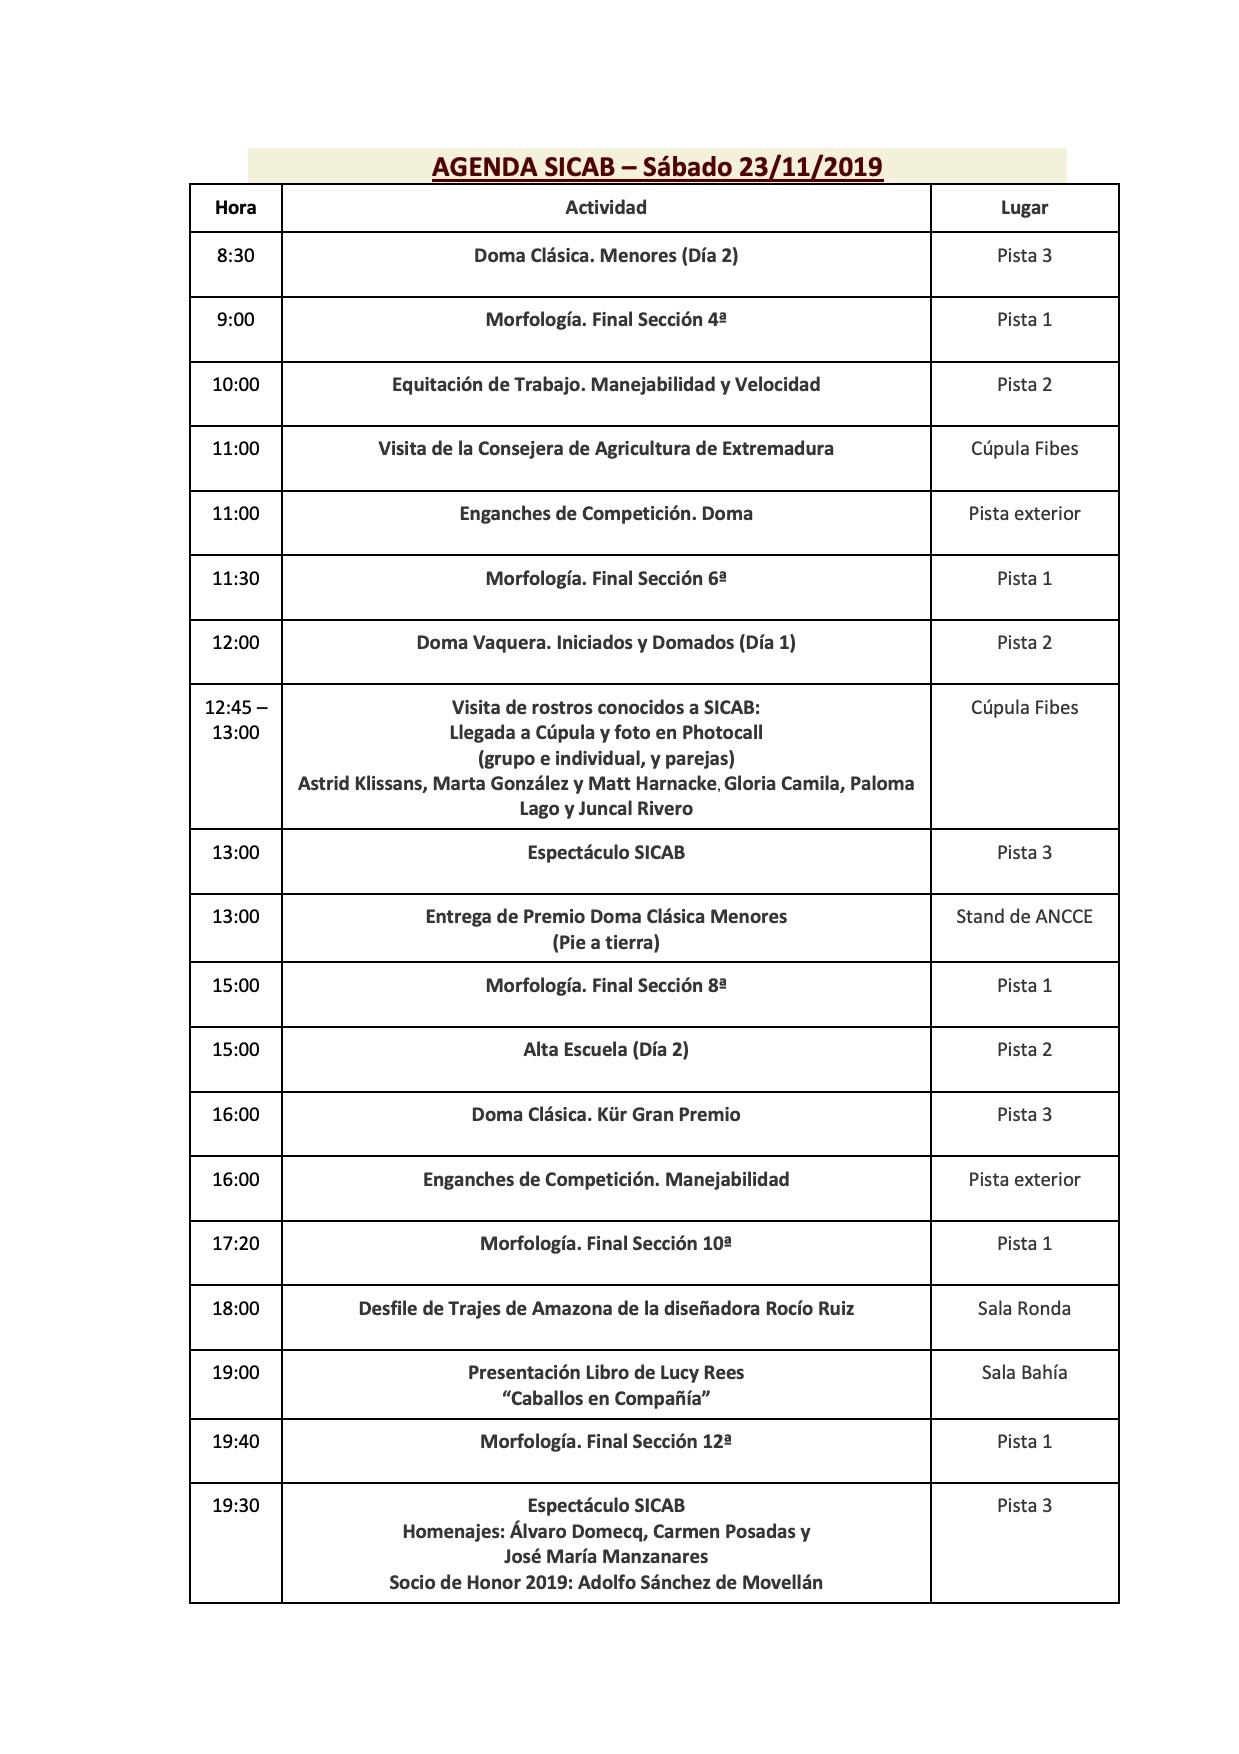 Nota de prensa + Agenda sábado - EL PRESIDENTE DE ANCCE, JOSÉ JUAN MORALES, RECIBE EN SICAB AL EMBAJADOR DE RUSIA EN ESPAÑA, YURI KORCHAGIN